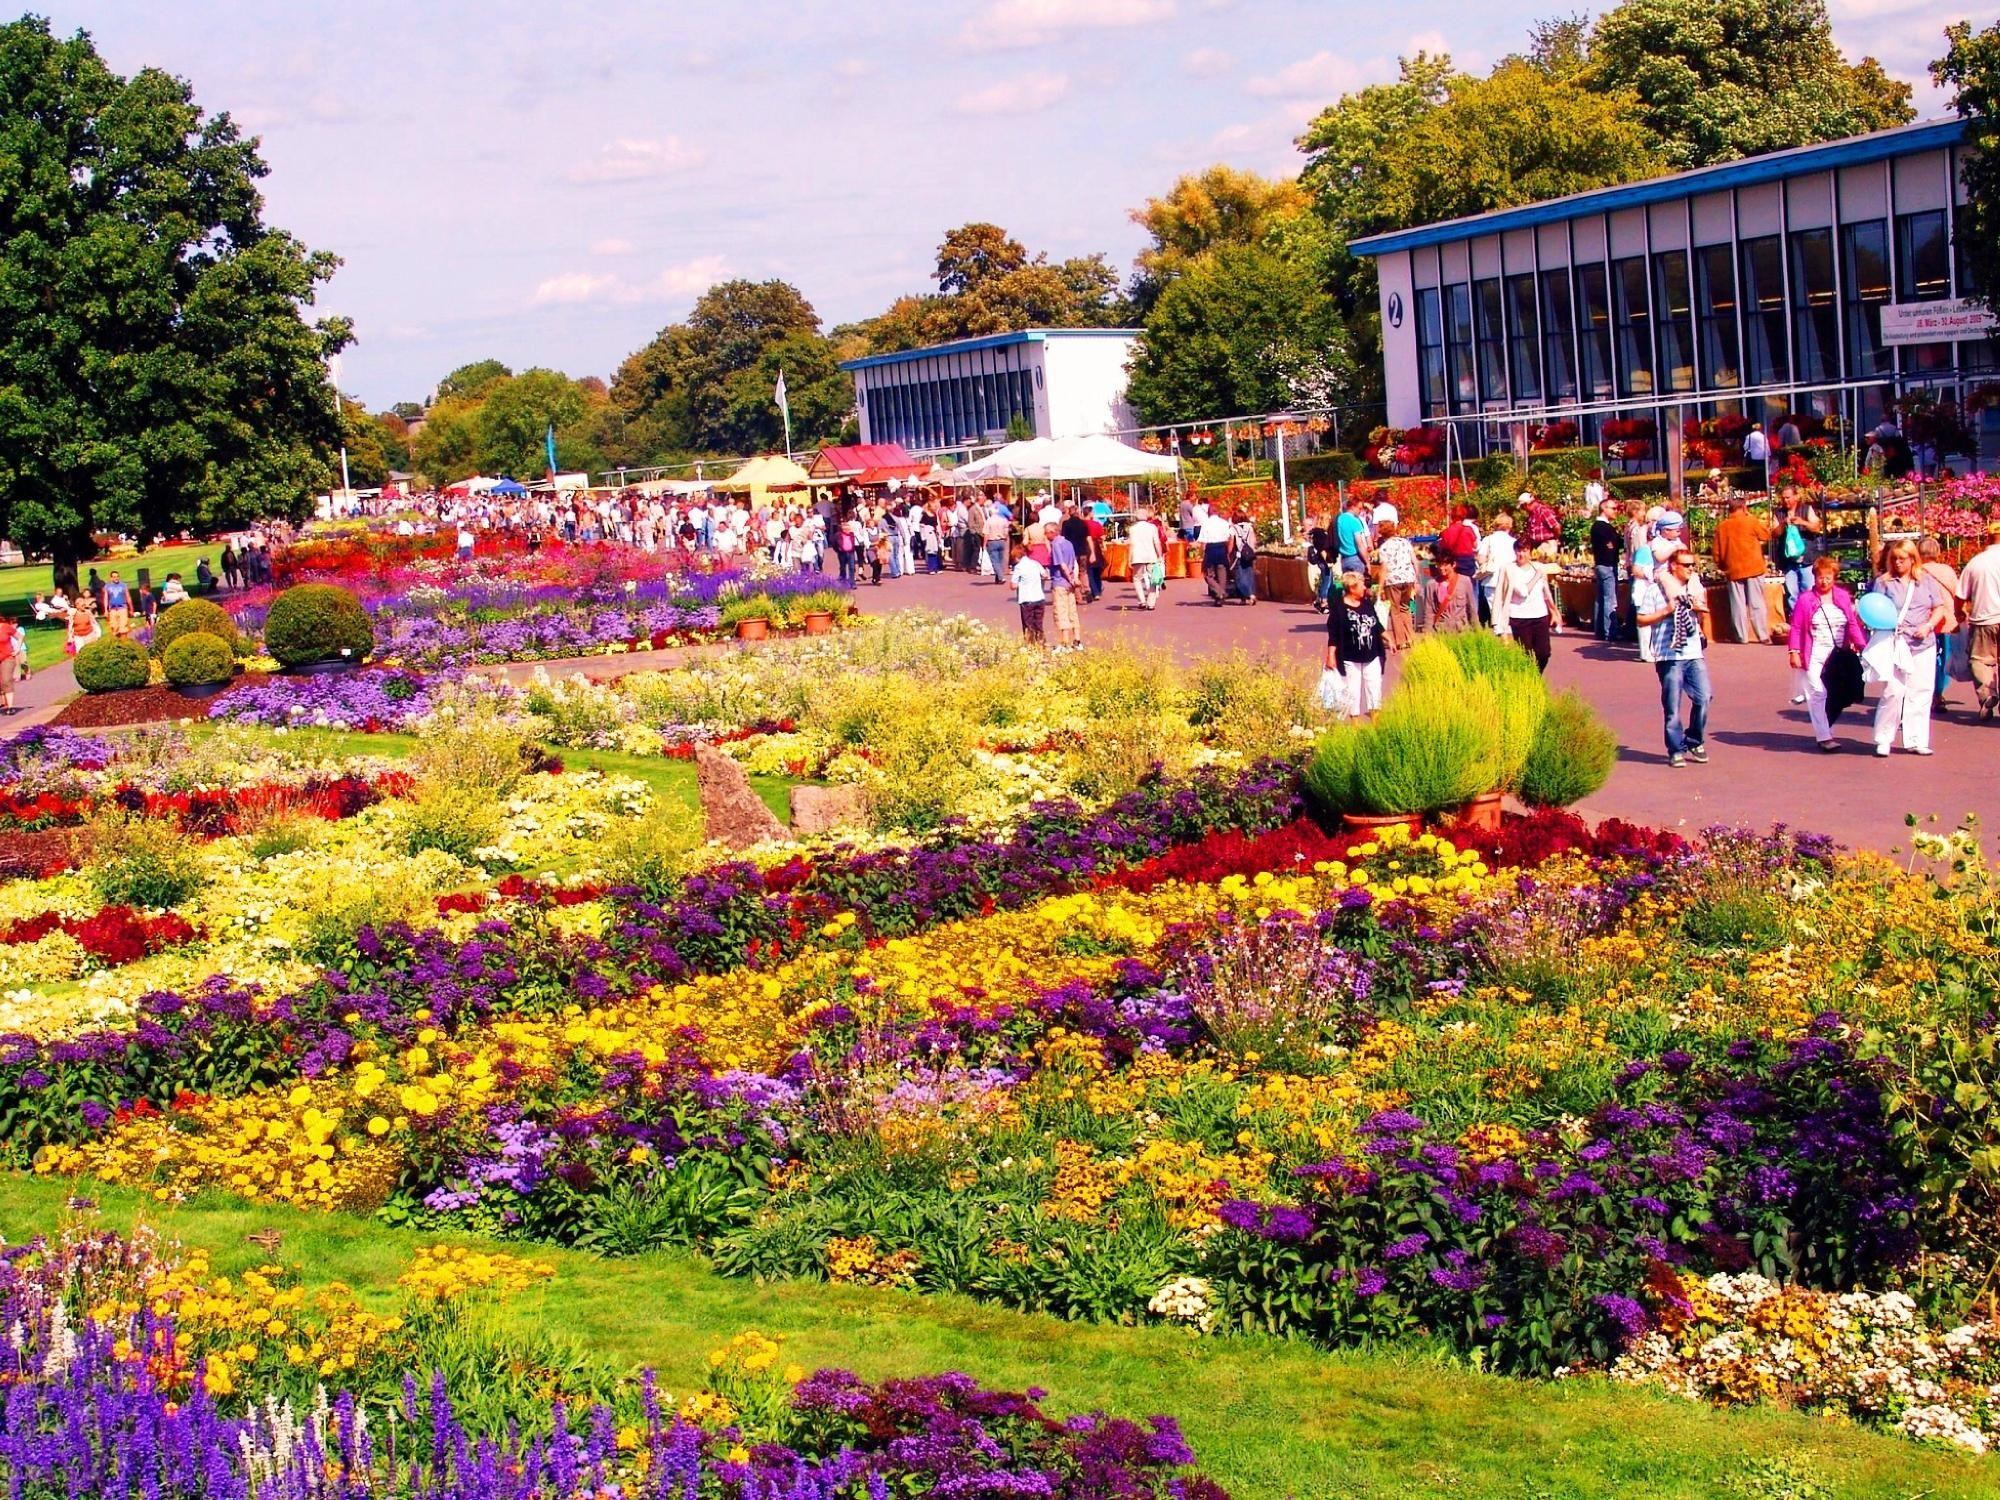 Ega Cyriaksburg Erfurt Erfurter Garten Erfurt States Of Germany Trip Advisor